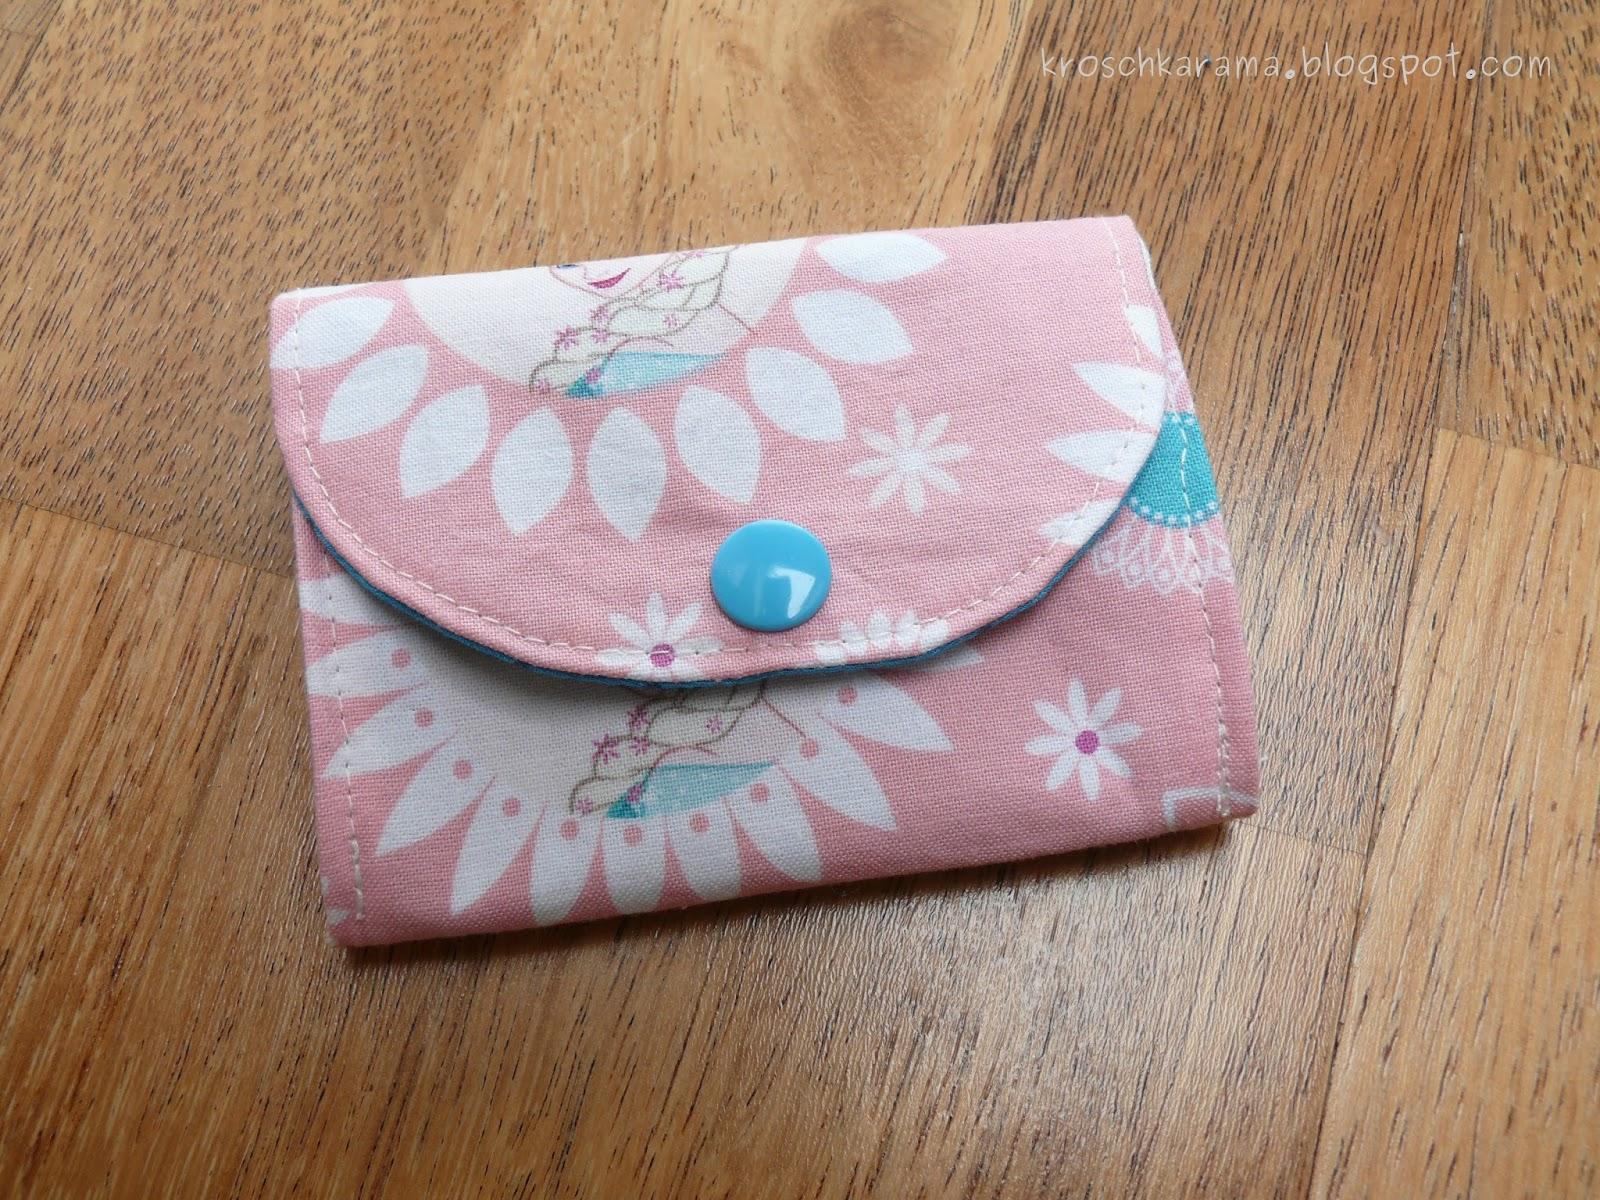 Kroschka: Kleines Portemonnaie für eine kleine Dame